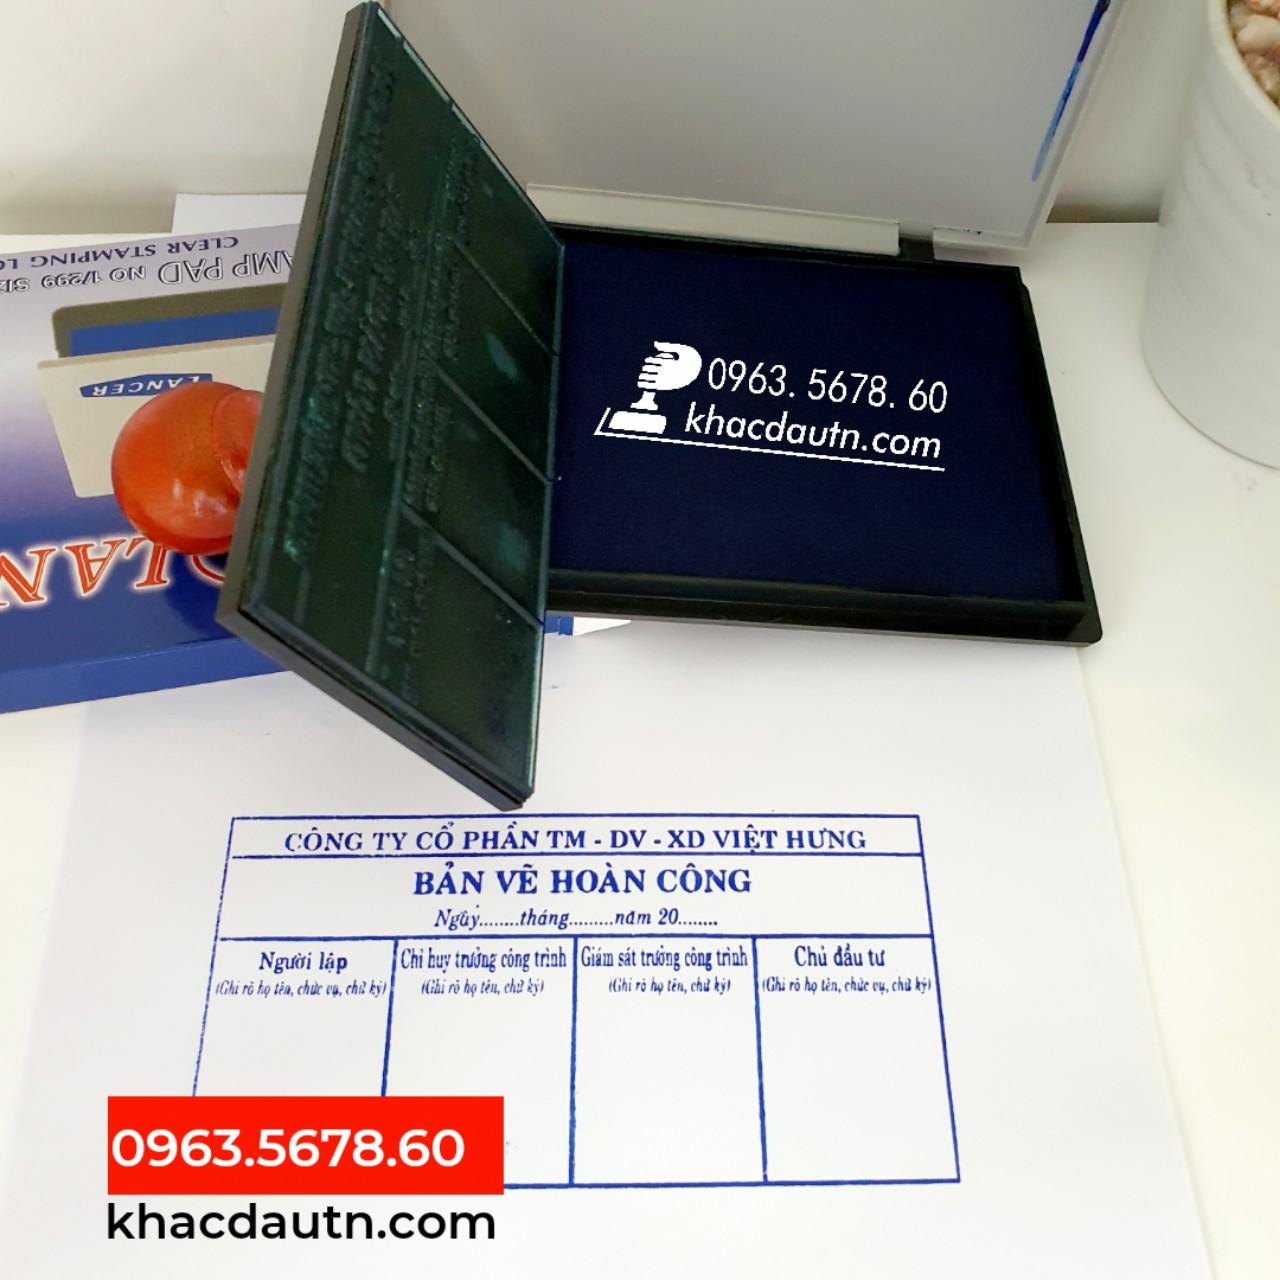 Dấu Bản Vẽ Hoàn Công Giá Rẻ - 0963.5678.60 Chuyên Cung Cấp Và Sản Xuất Giao Công Con Dấu - Luôn Có Nhiều Ưu Đãi Giảm - Xuất HD VAT 10%